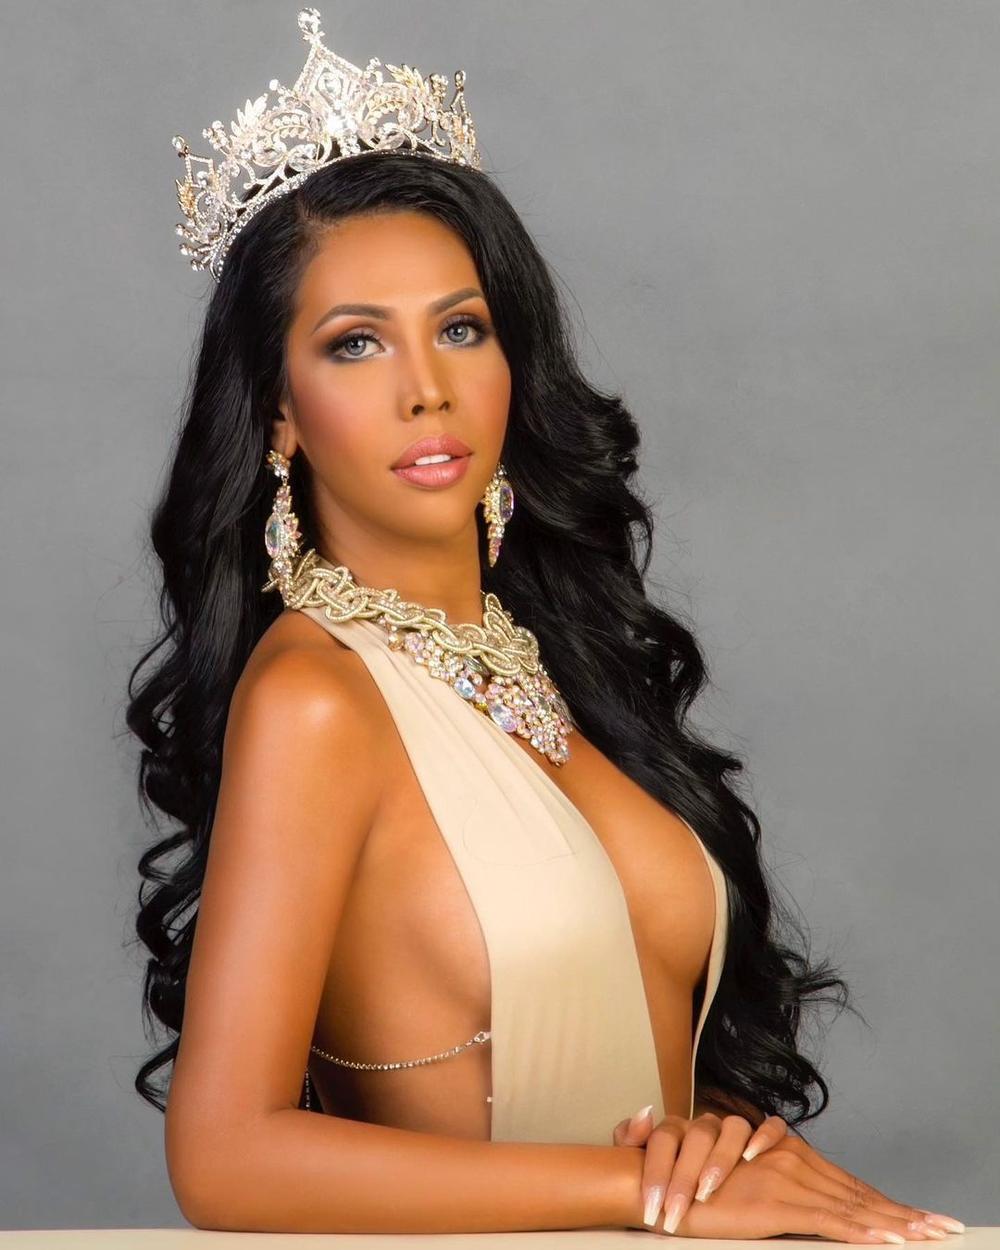 12 thí sinh đầu tiên dự thi Miss International Queen 2021: Trân Đài 'kèn cựa' mỹ nhân Thái Lan Ảnh 30